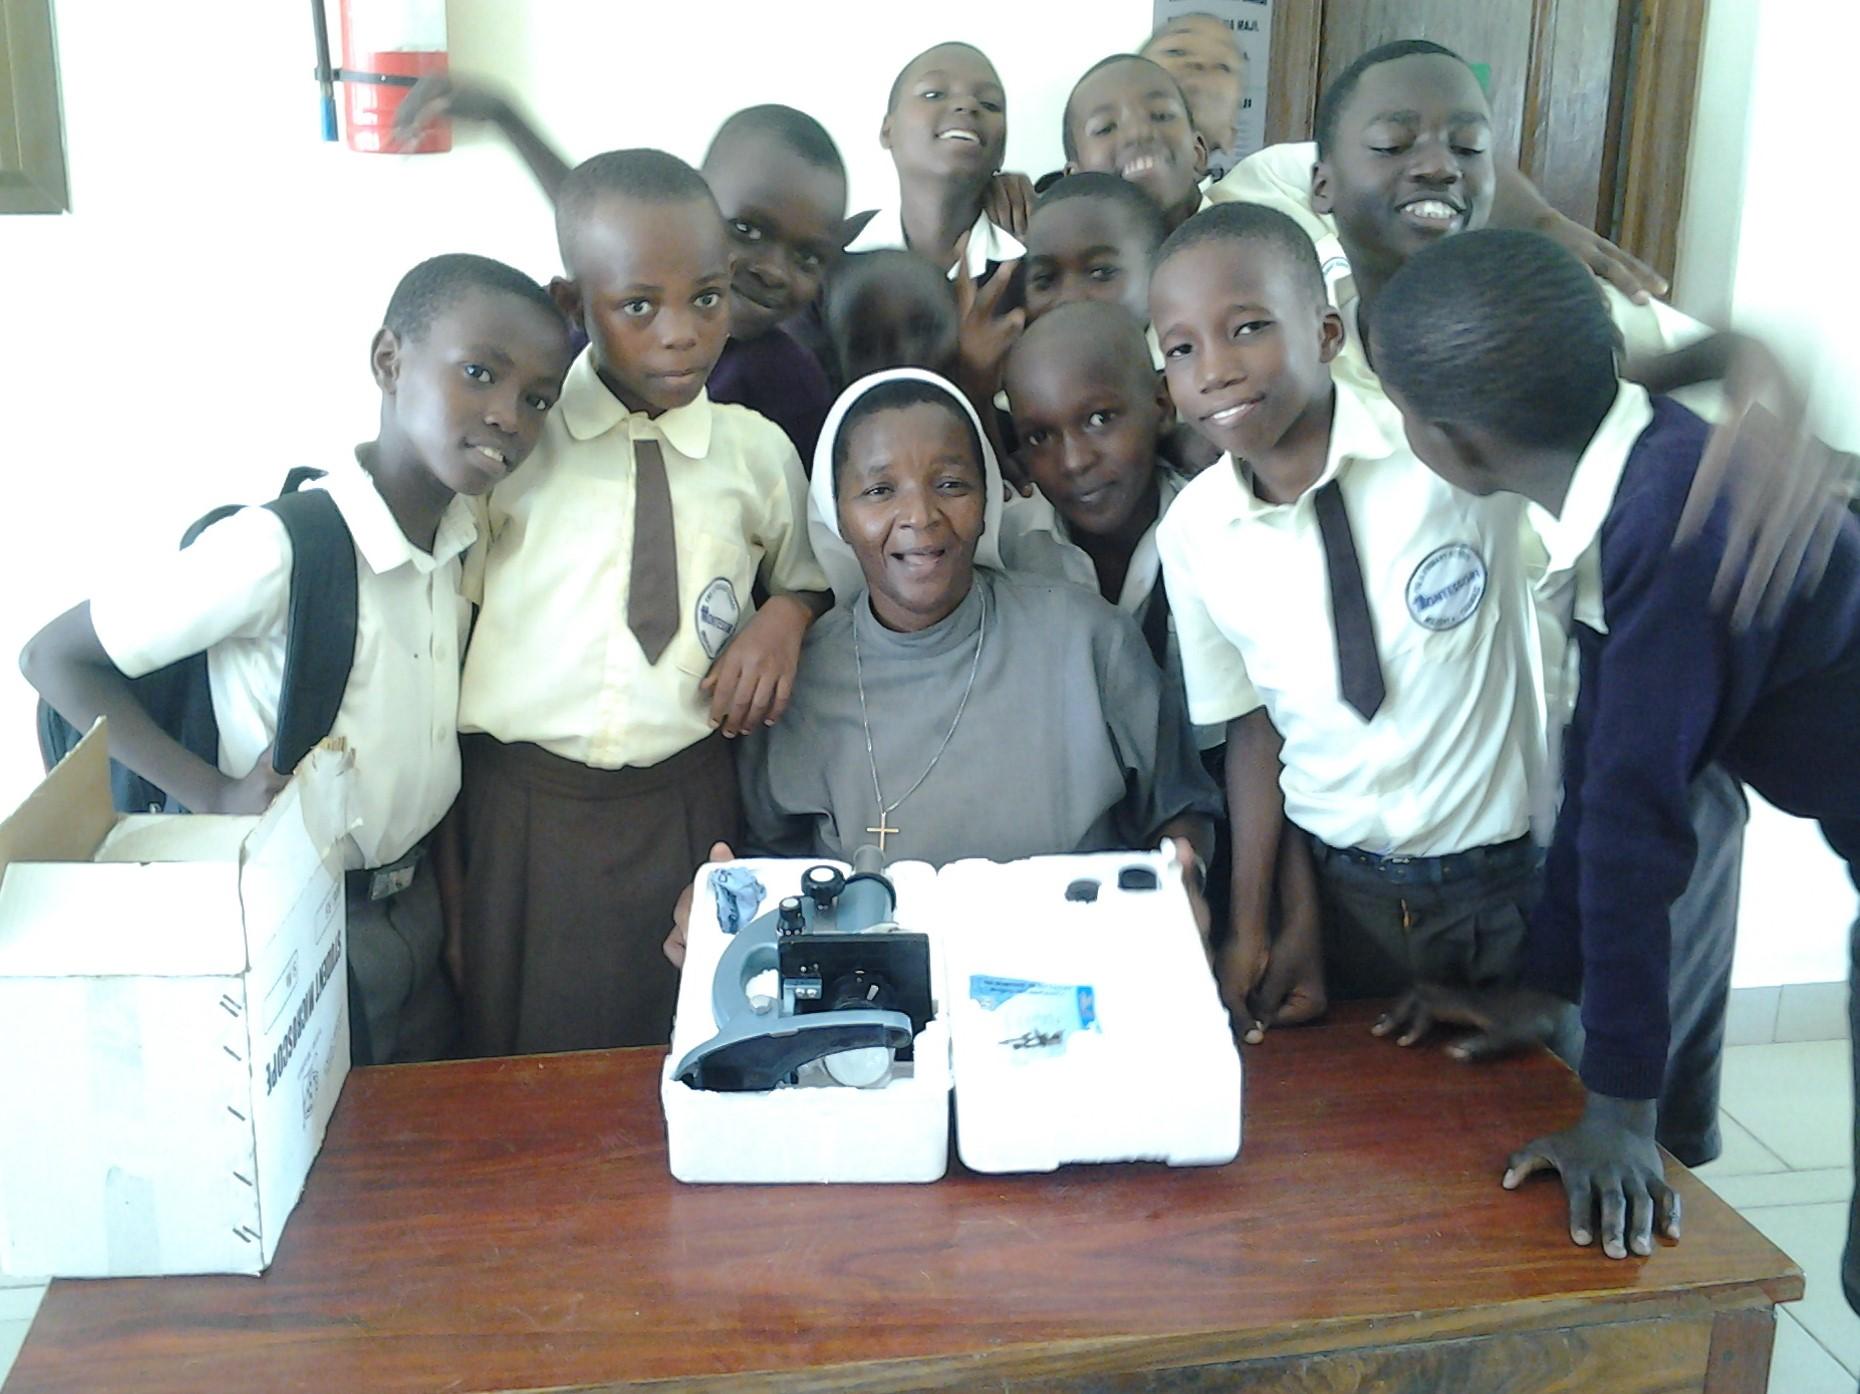 internationales Projekt: Schulprojekt in Tansania: Schwester Veronika mit ihren Schülern in der neuen Schule in Chamazi